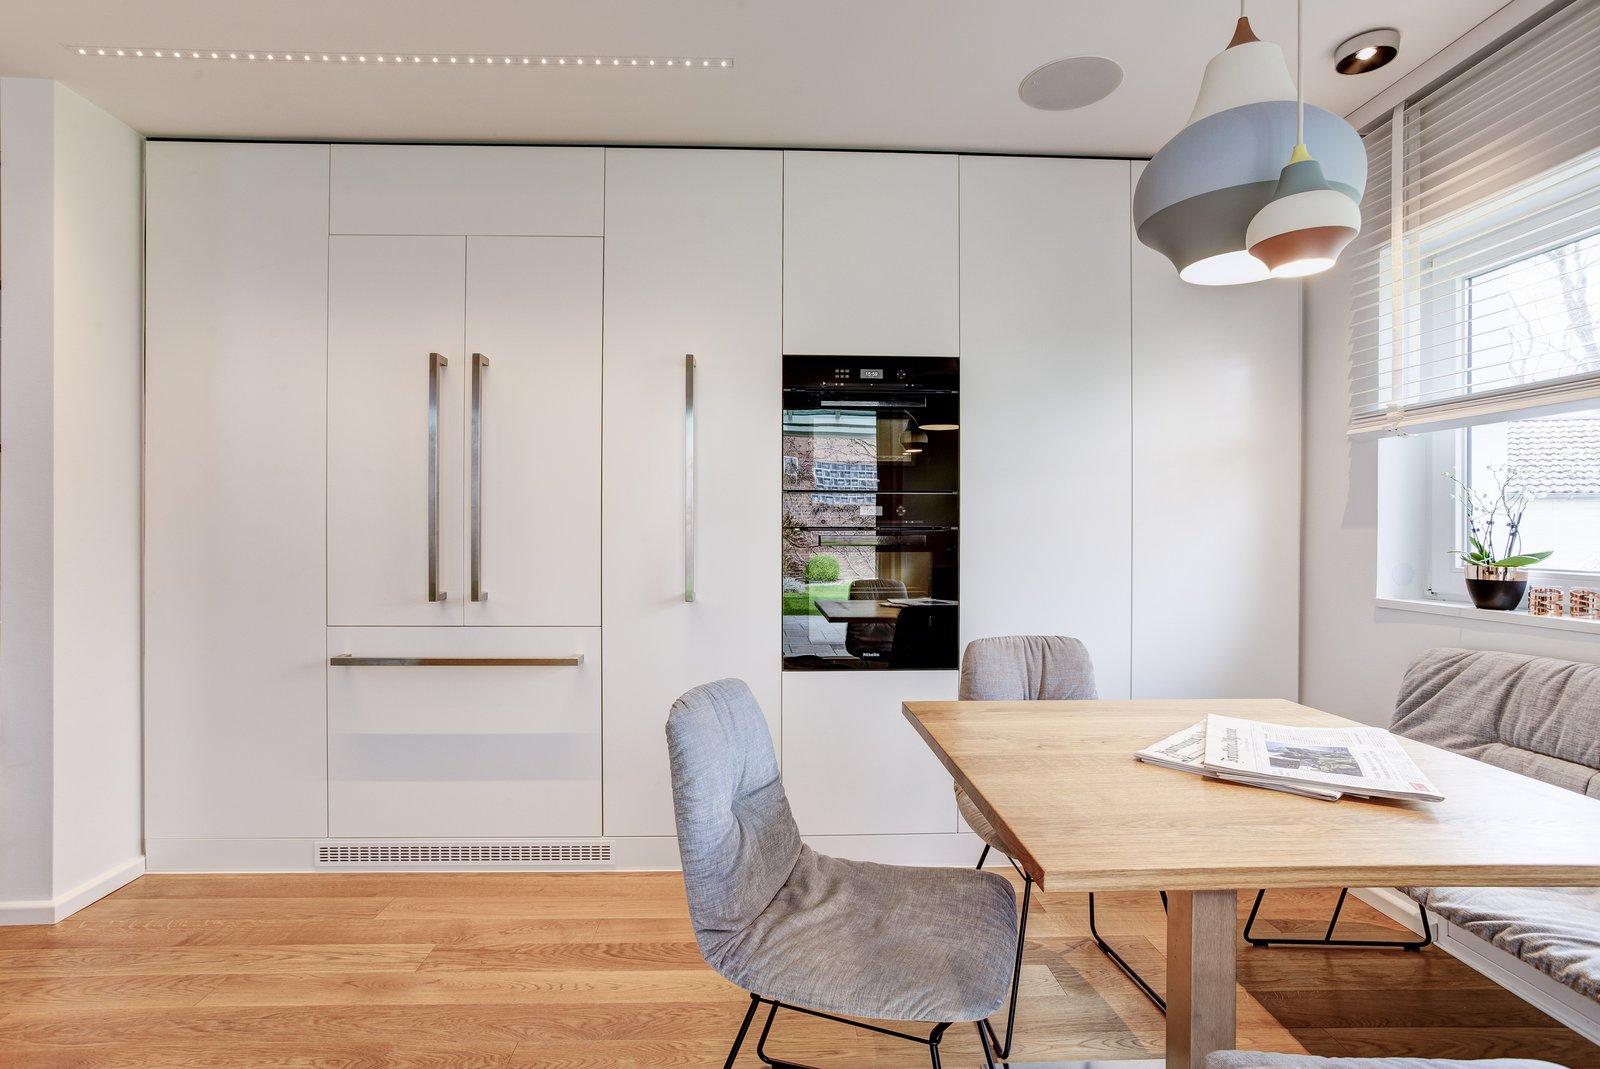 Möbeldesign - EMBERT Innenarchitektur